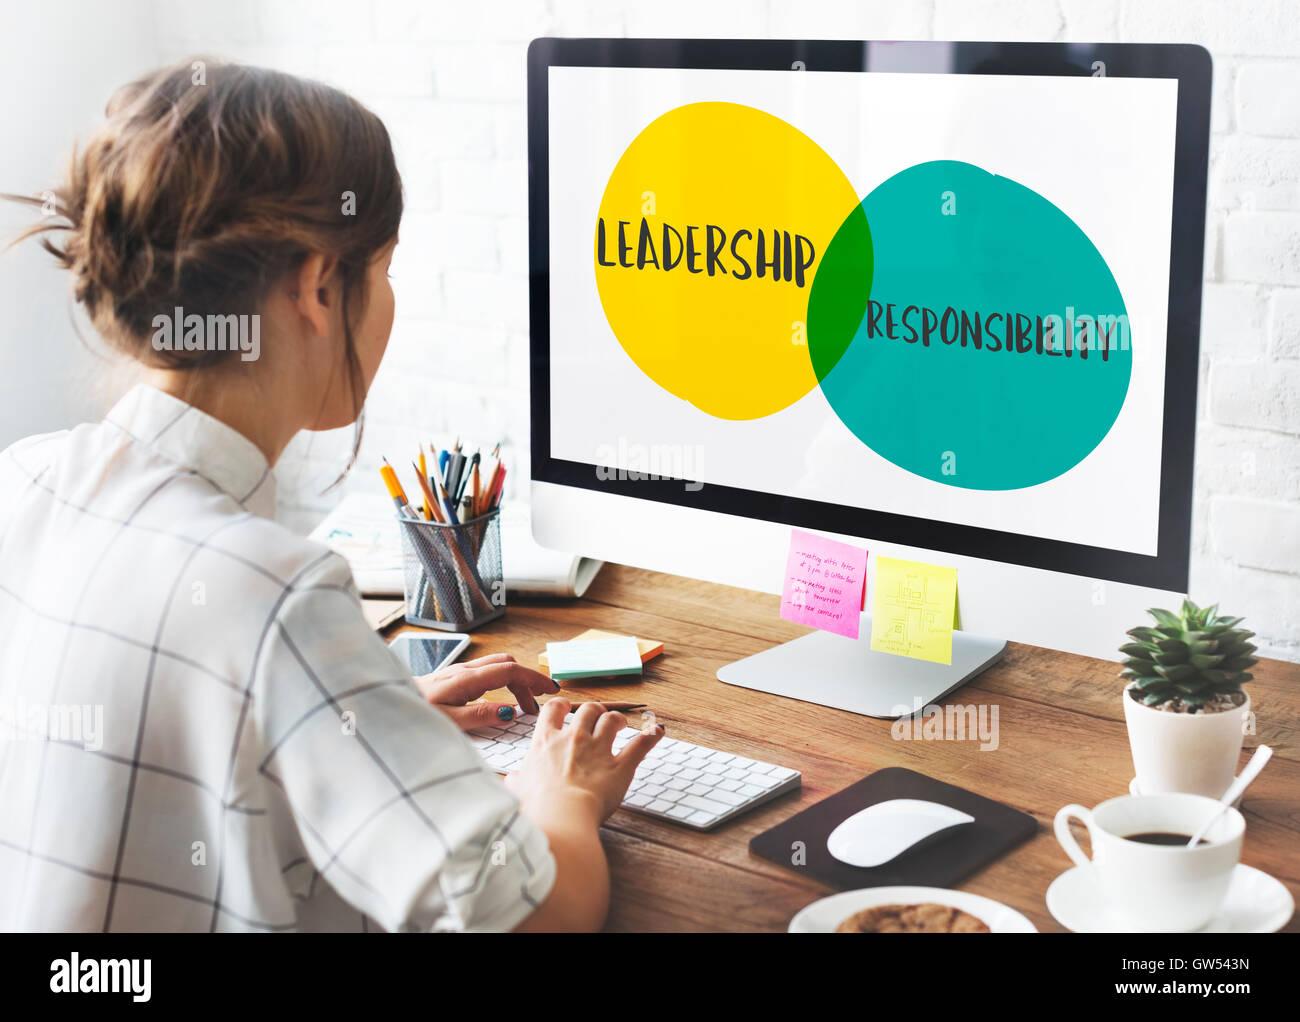 Objectifs Leadership Motivation Idées Concept cercles Photo Stock